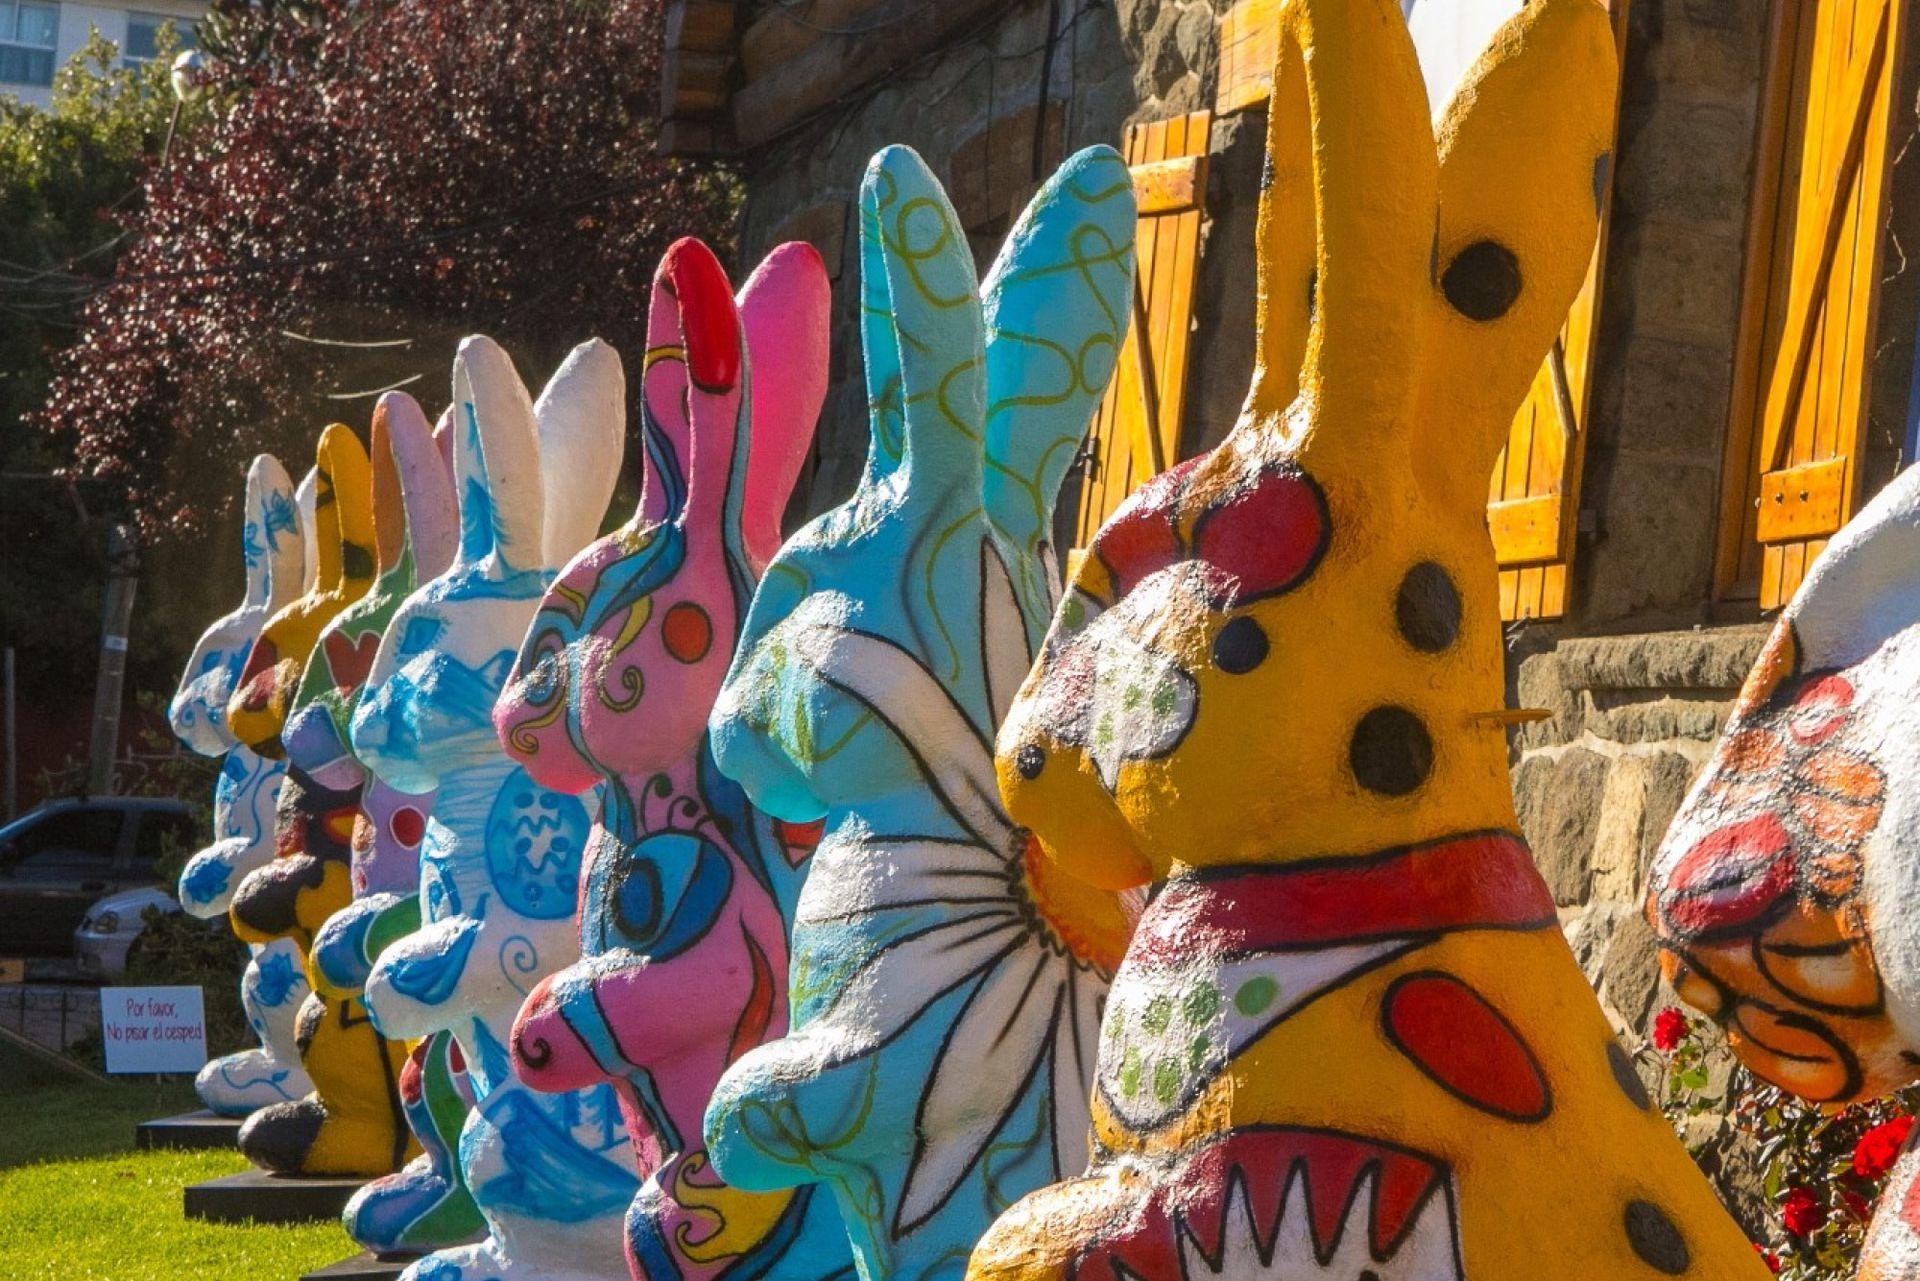 La fiesta del chocolate en Bariloche con huevos y figuras gigantes